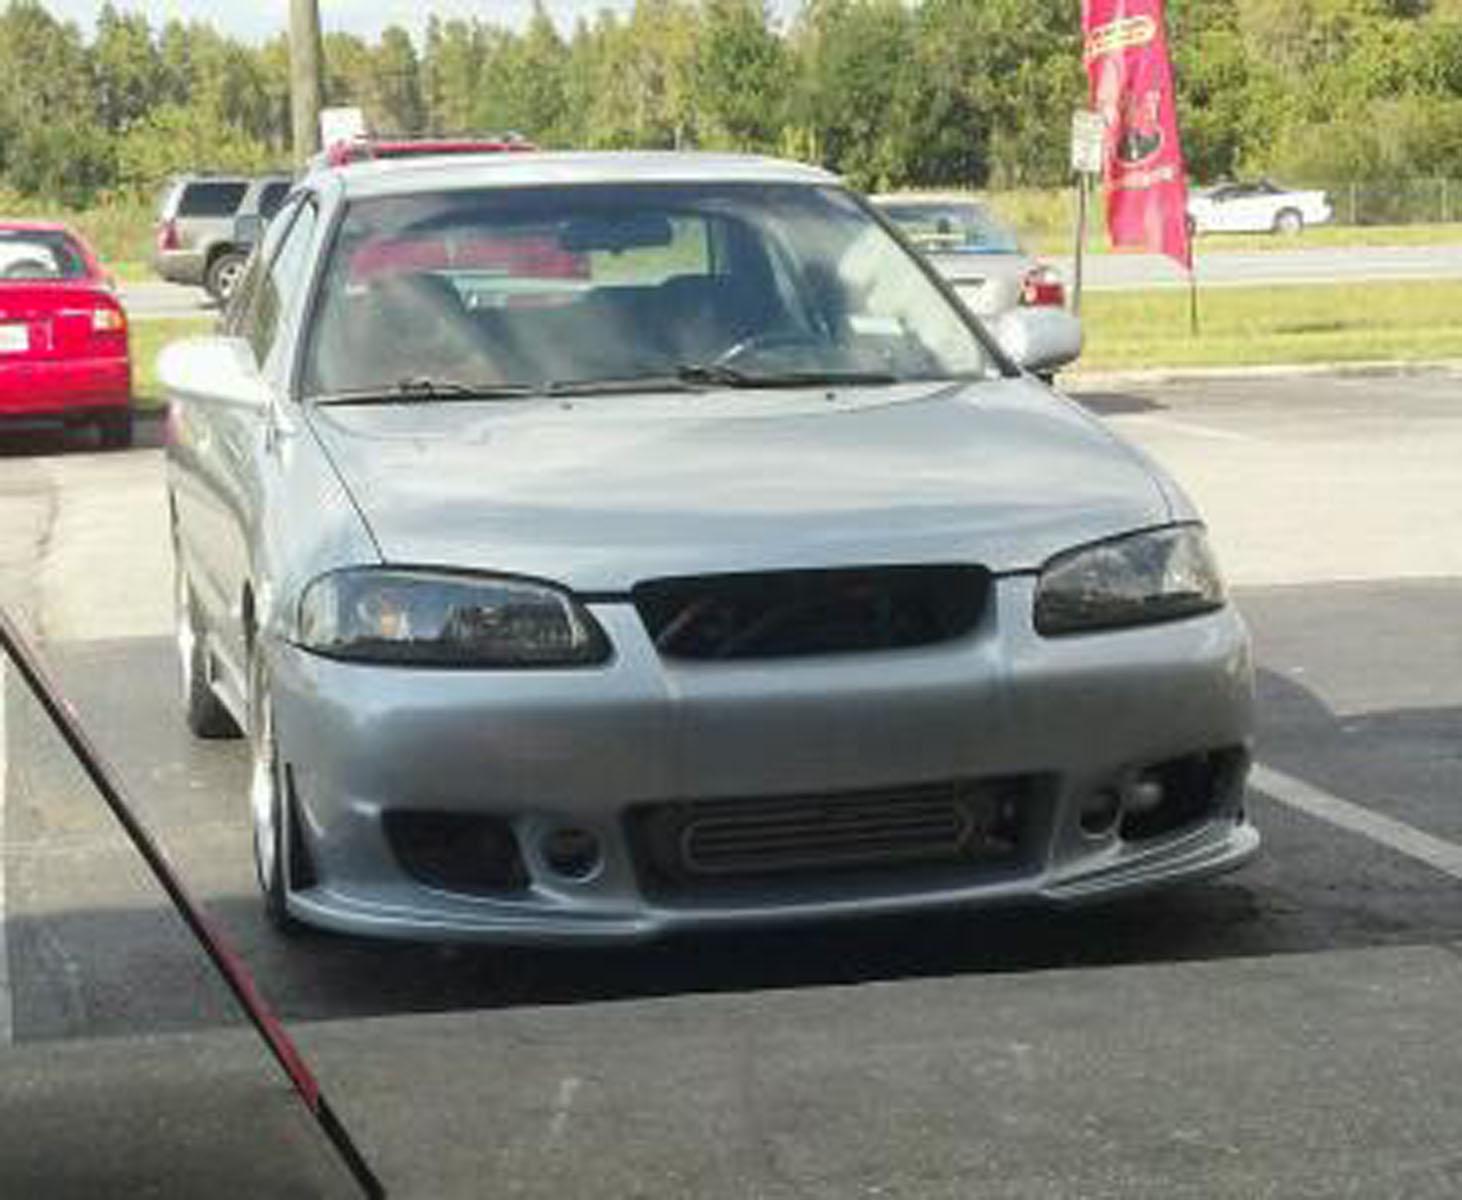 2002 Nissan Sentra SE R Spec V Turbo For Sale | Florida